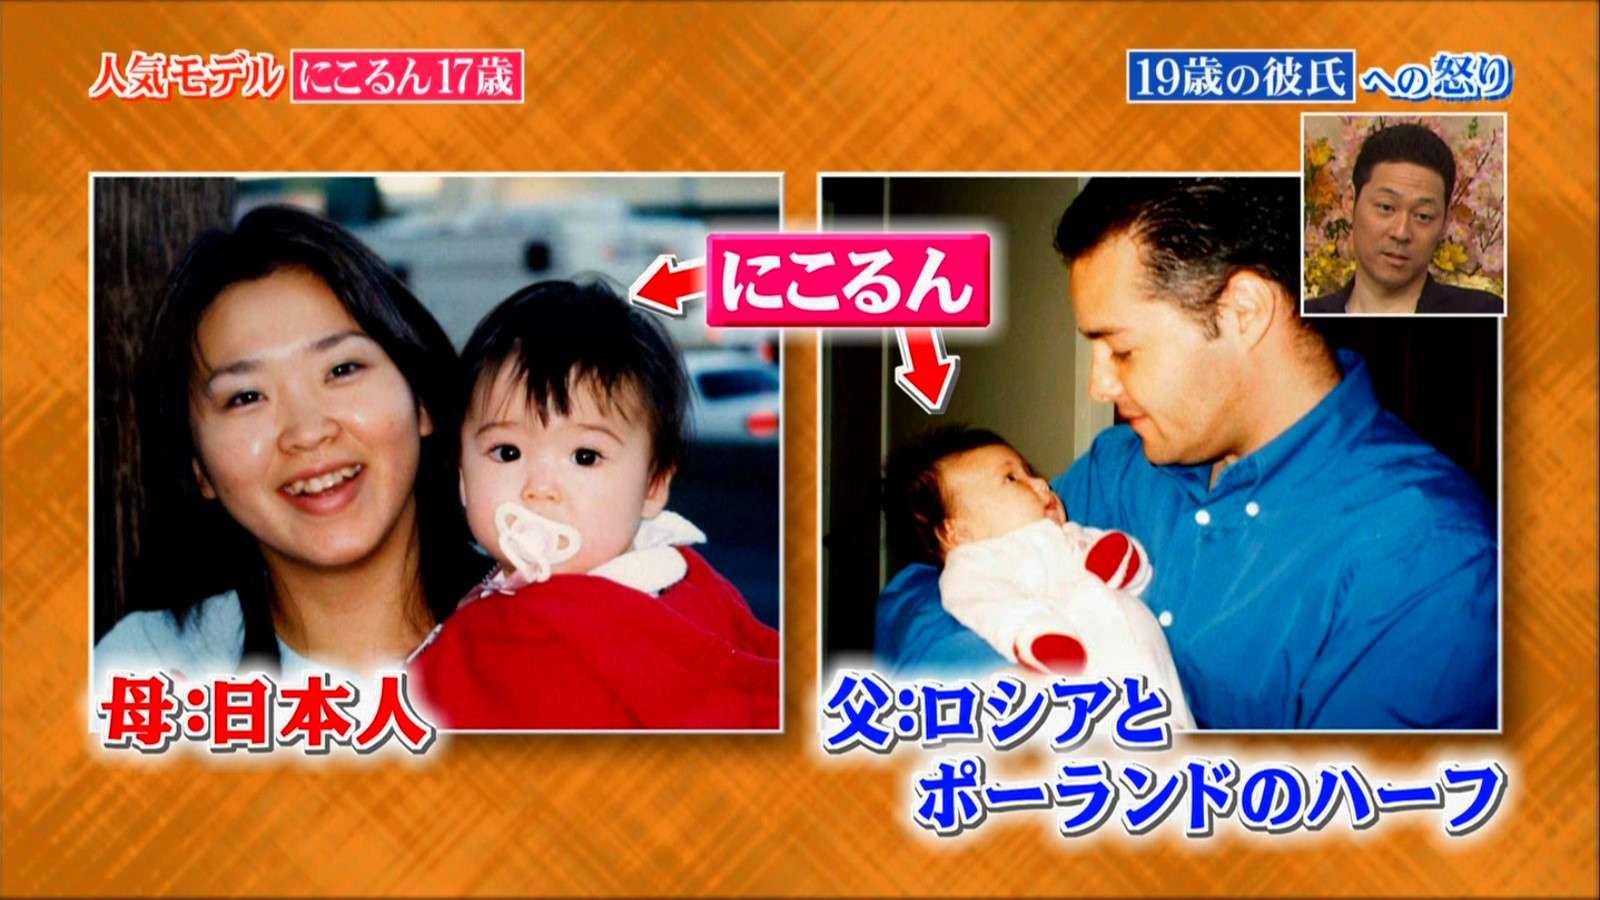 藤田ニコルモロにマンスジやハミマンエロGIF画像